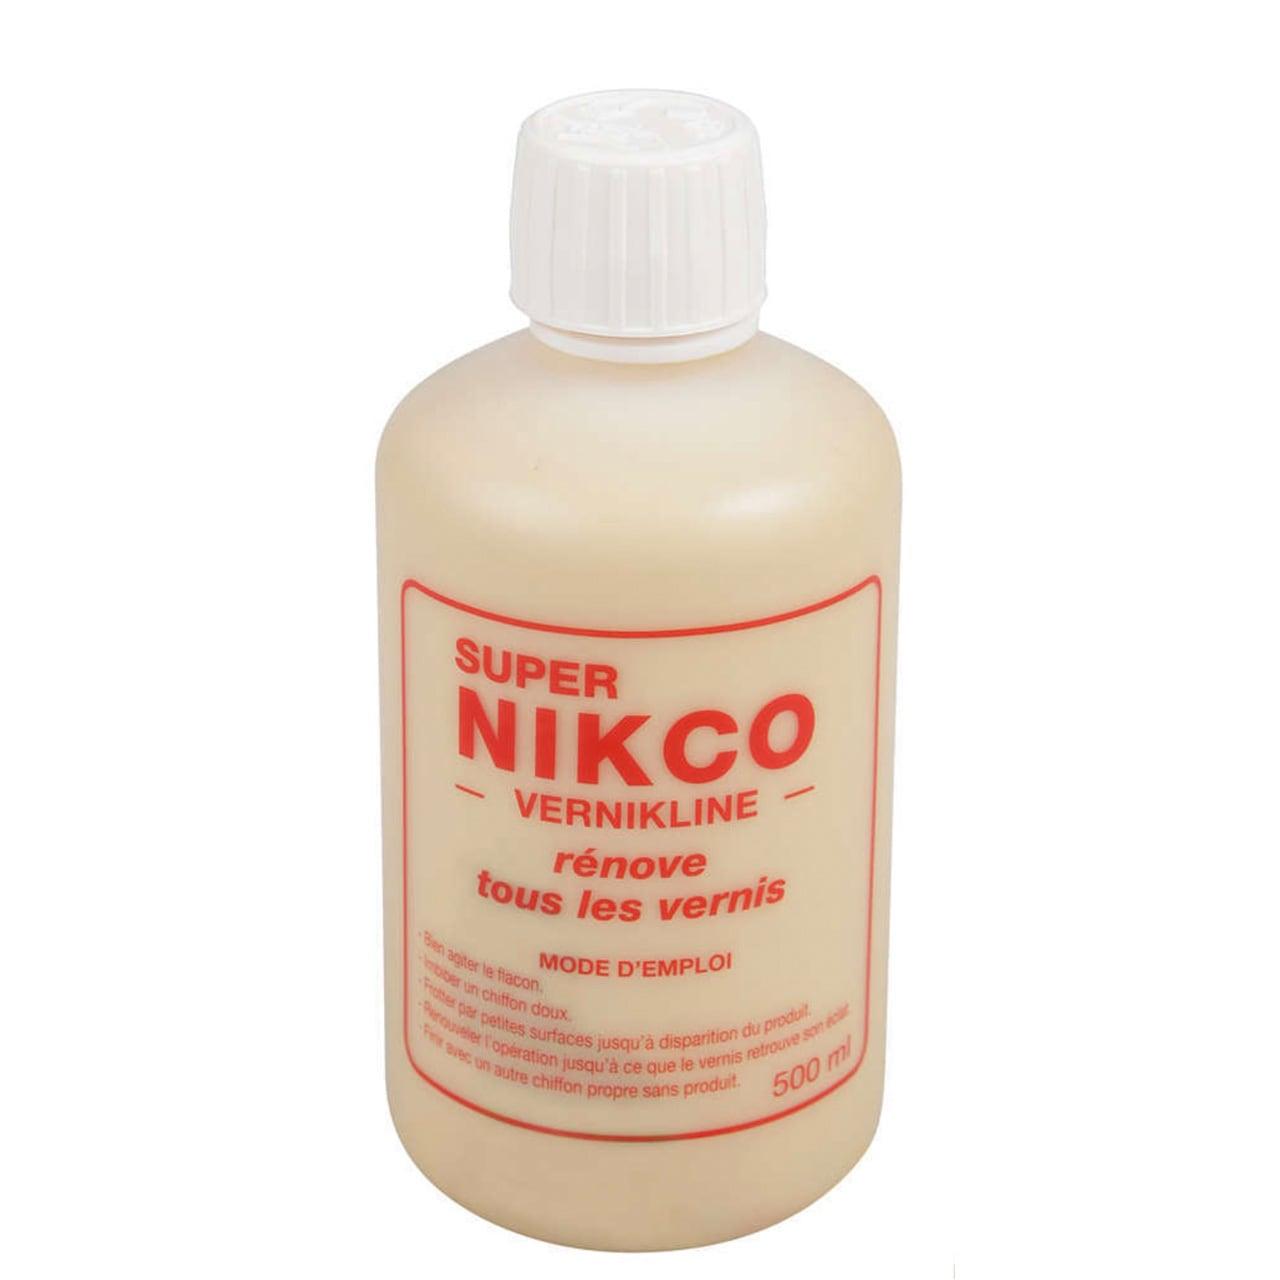 Super Nikco Polish for Varnish, 500 ml